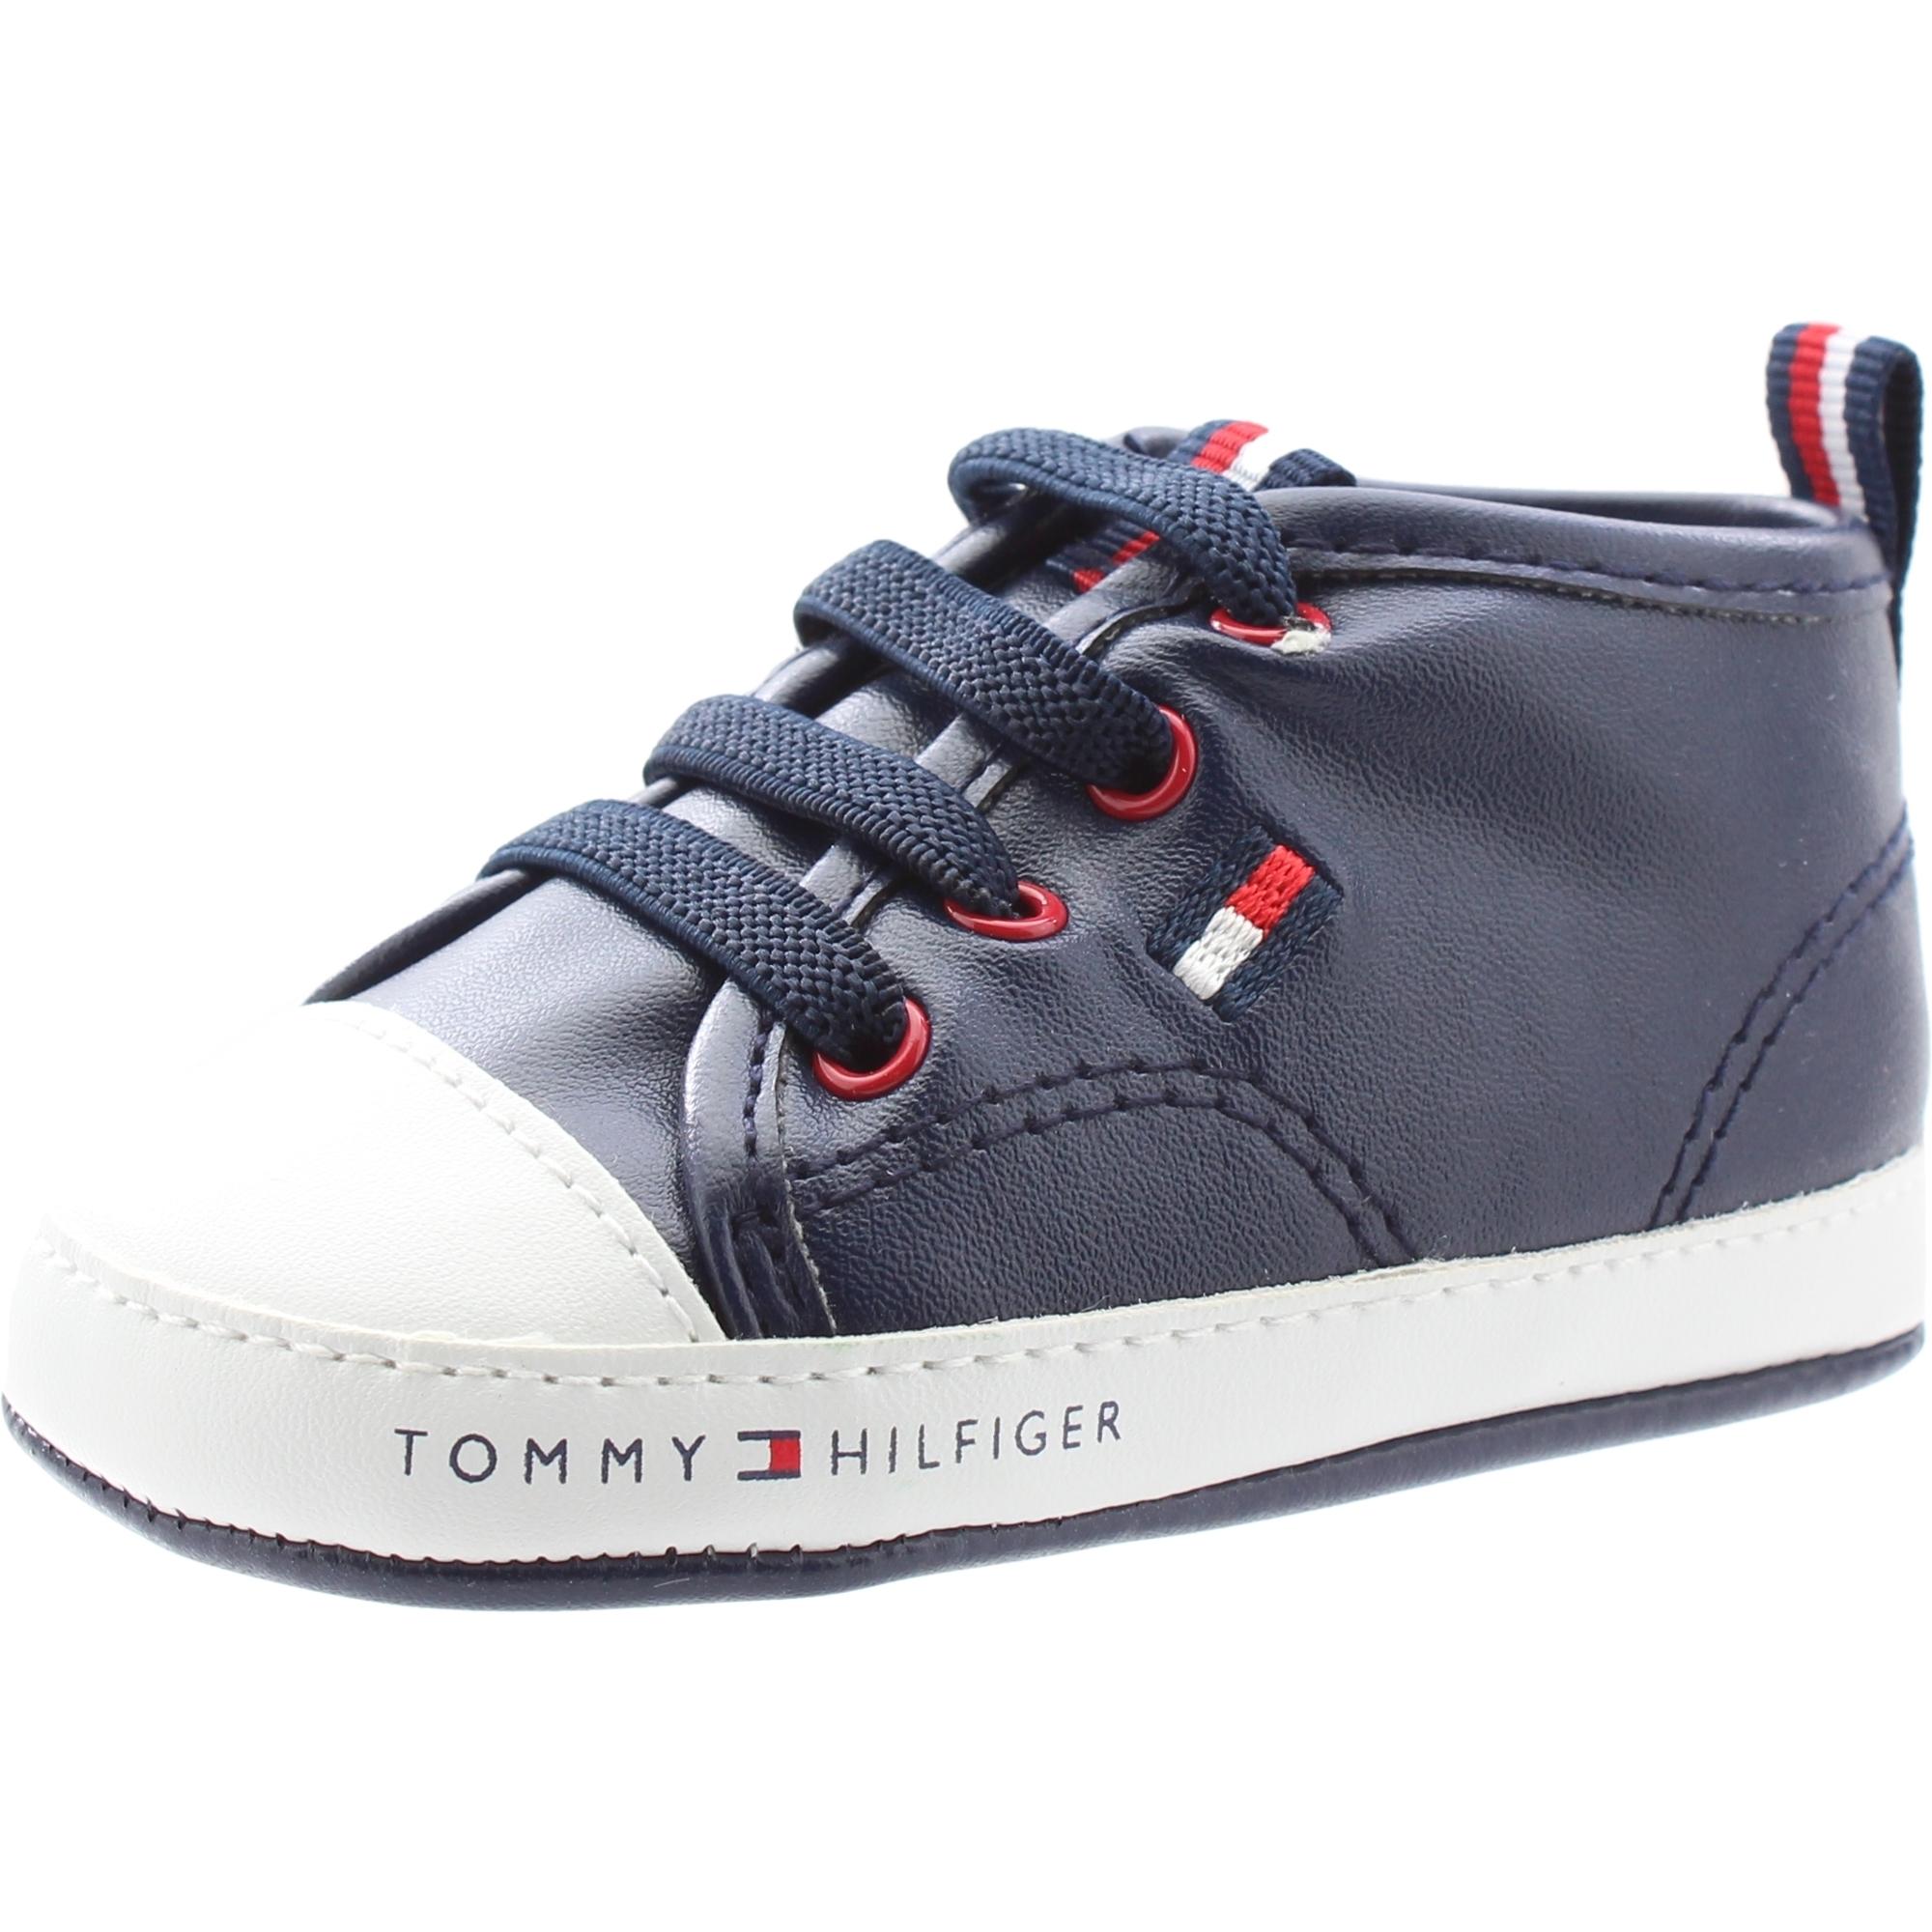 Tommy Hilfiger T0B4 30009 0272 BlauWeiß Öko Leder Baby